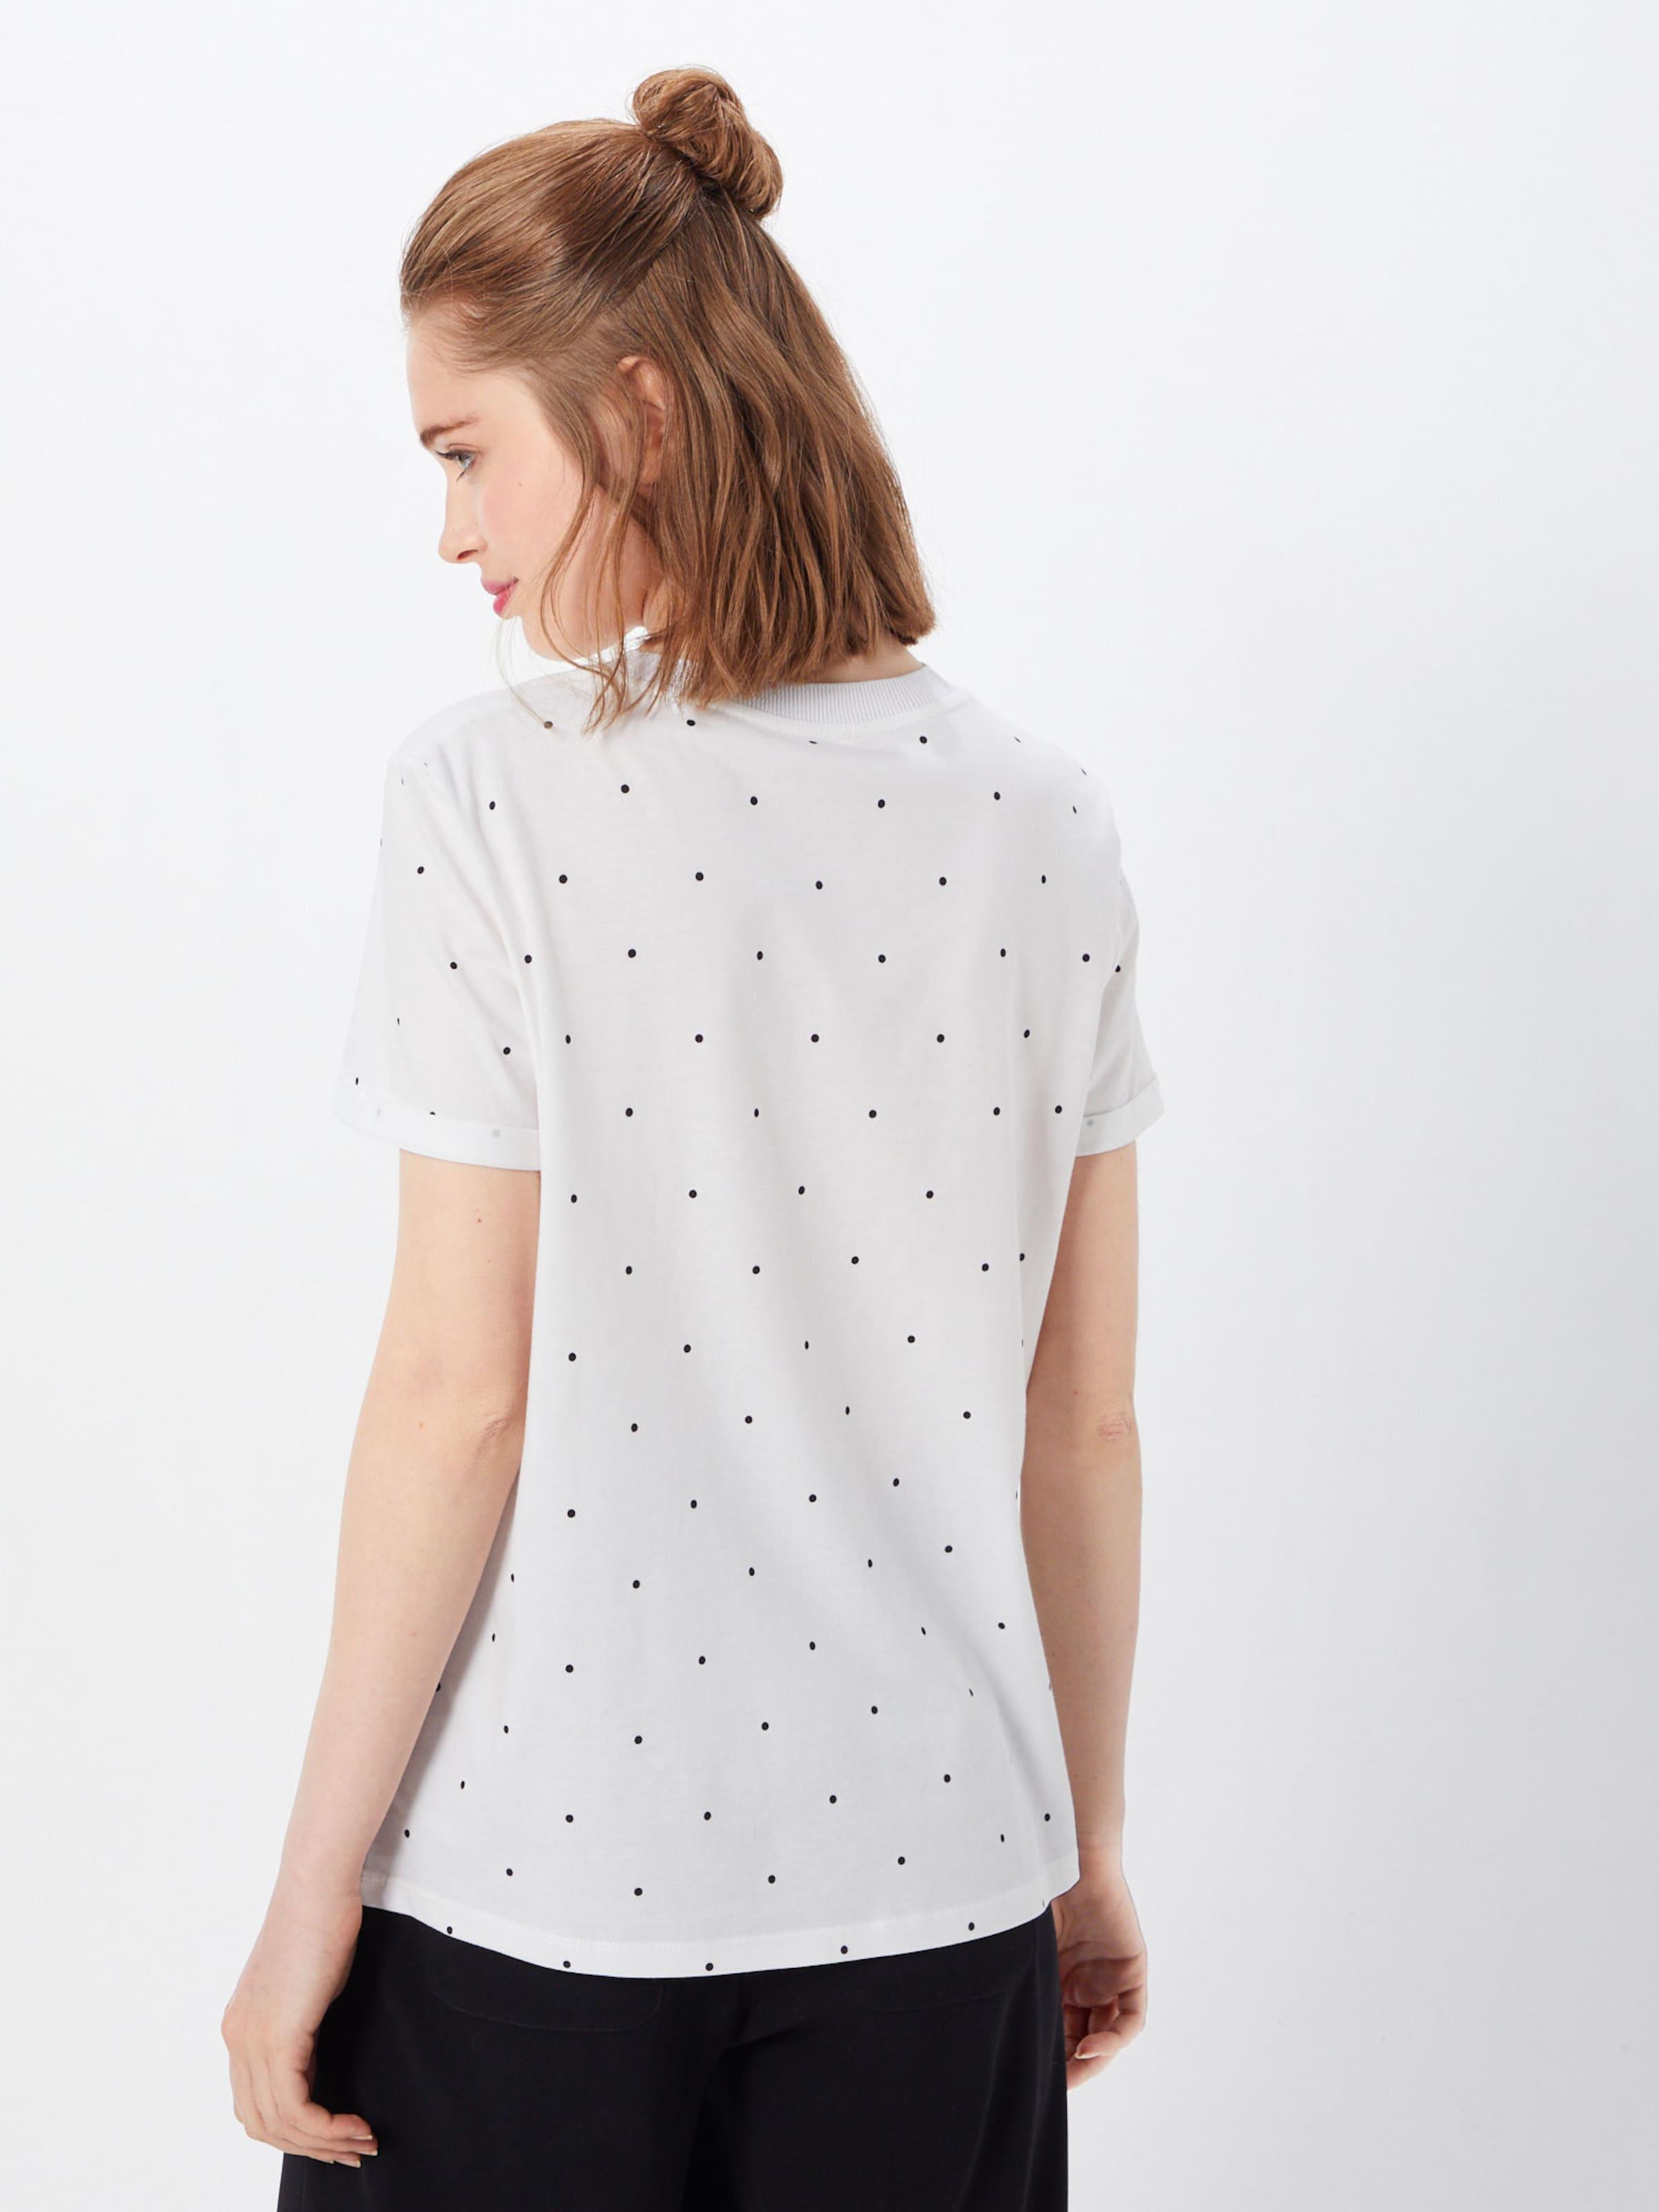 shirt shirt Talkabout NoirBlanc T T En shirt NoirBlanc Talkabout En T Talkabout Pnwk08O